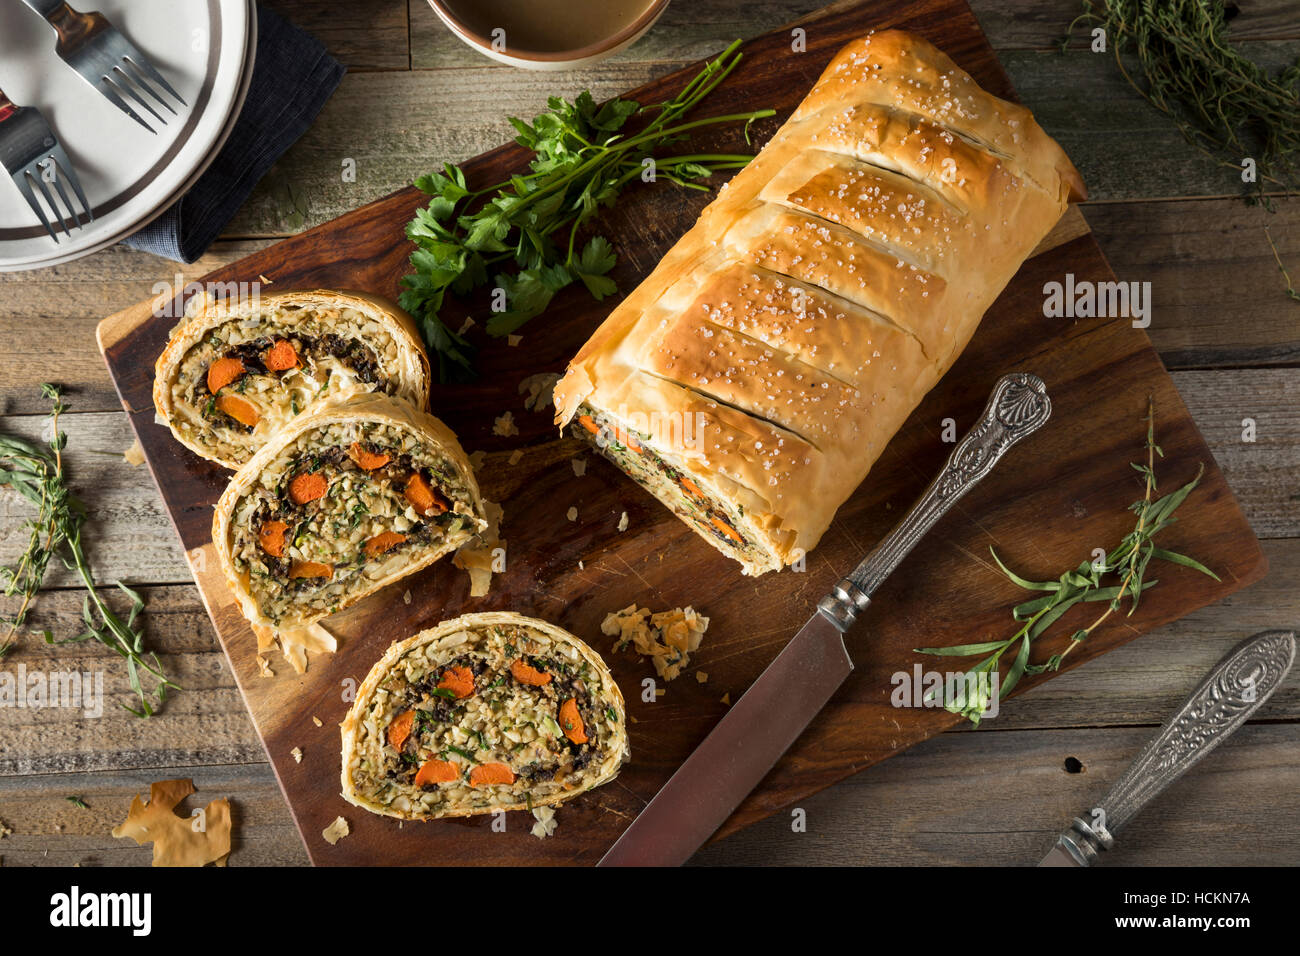 Hausgemachte Urlaub Vegan Wellington mit Karotten, Bohnen, Pilzen Stockbild